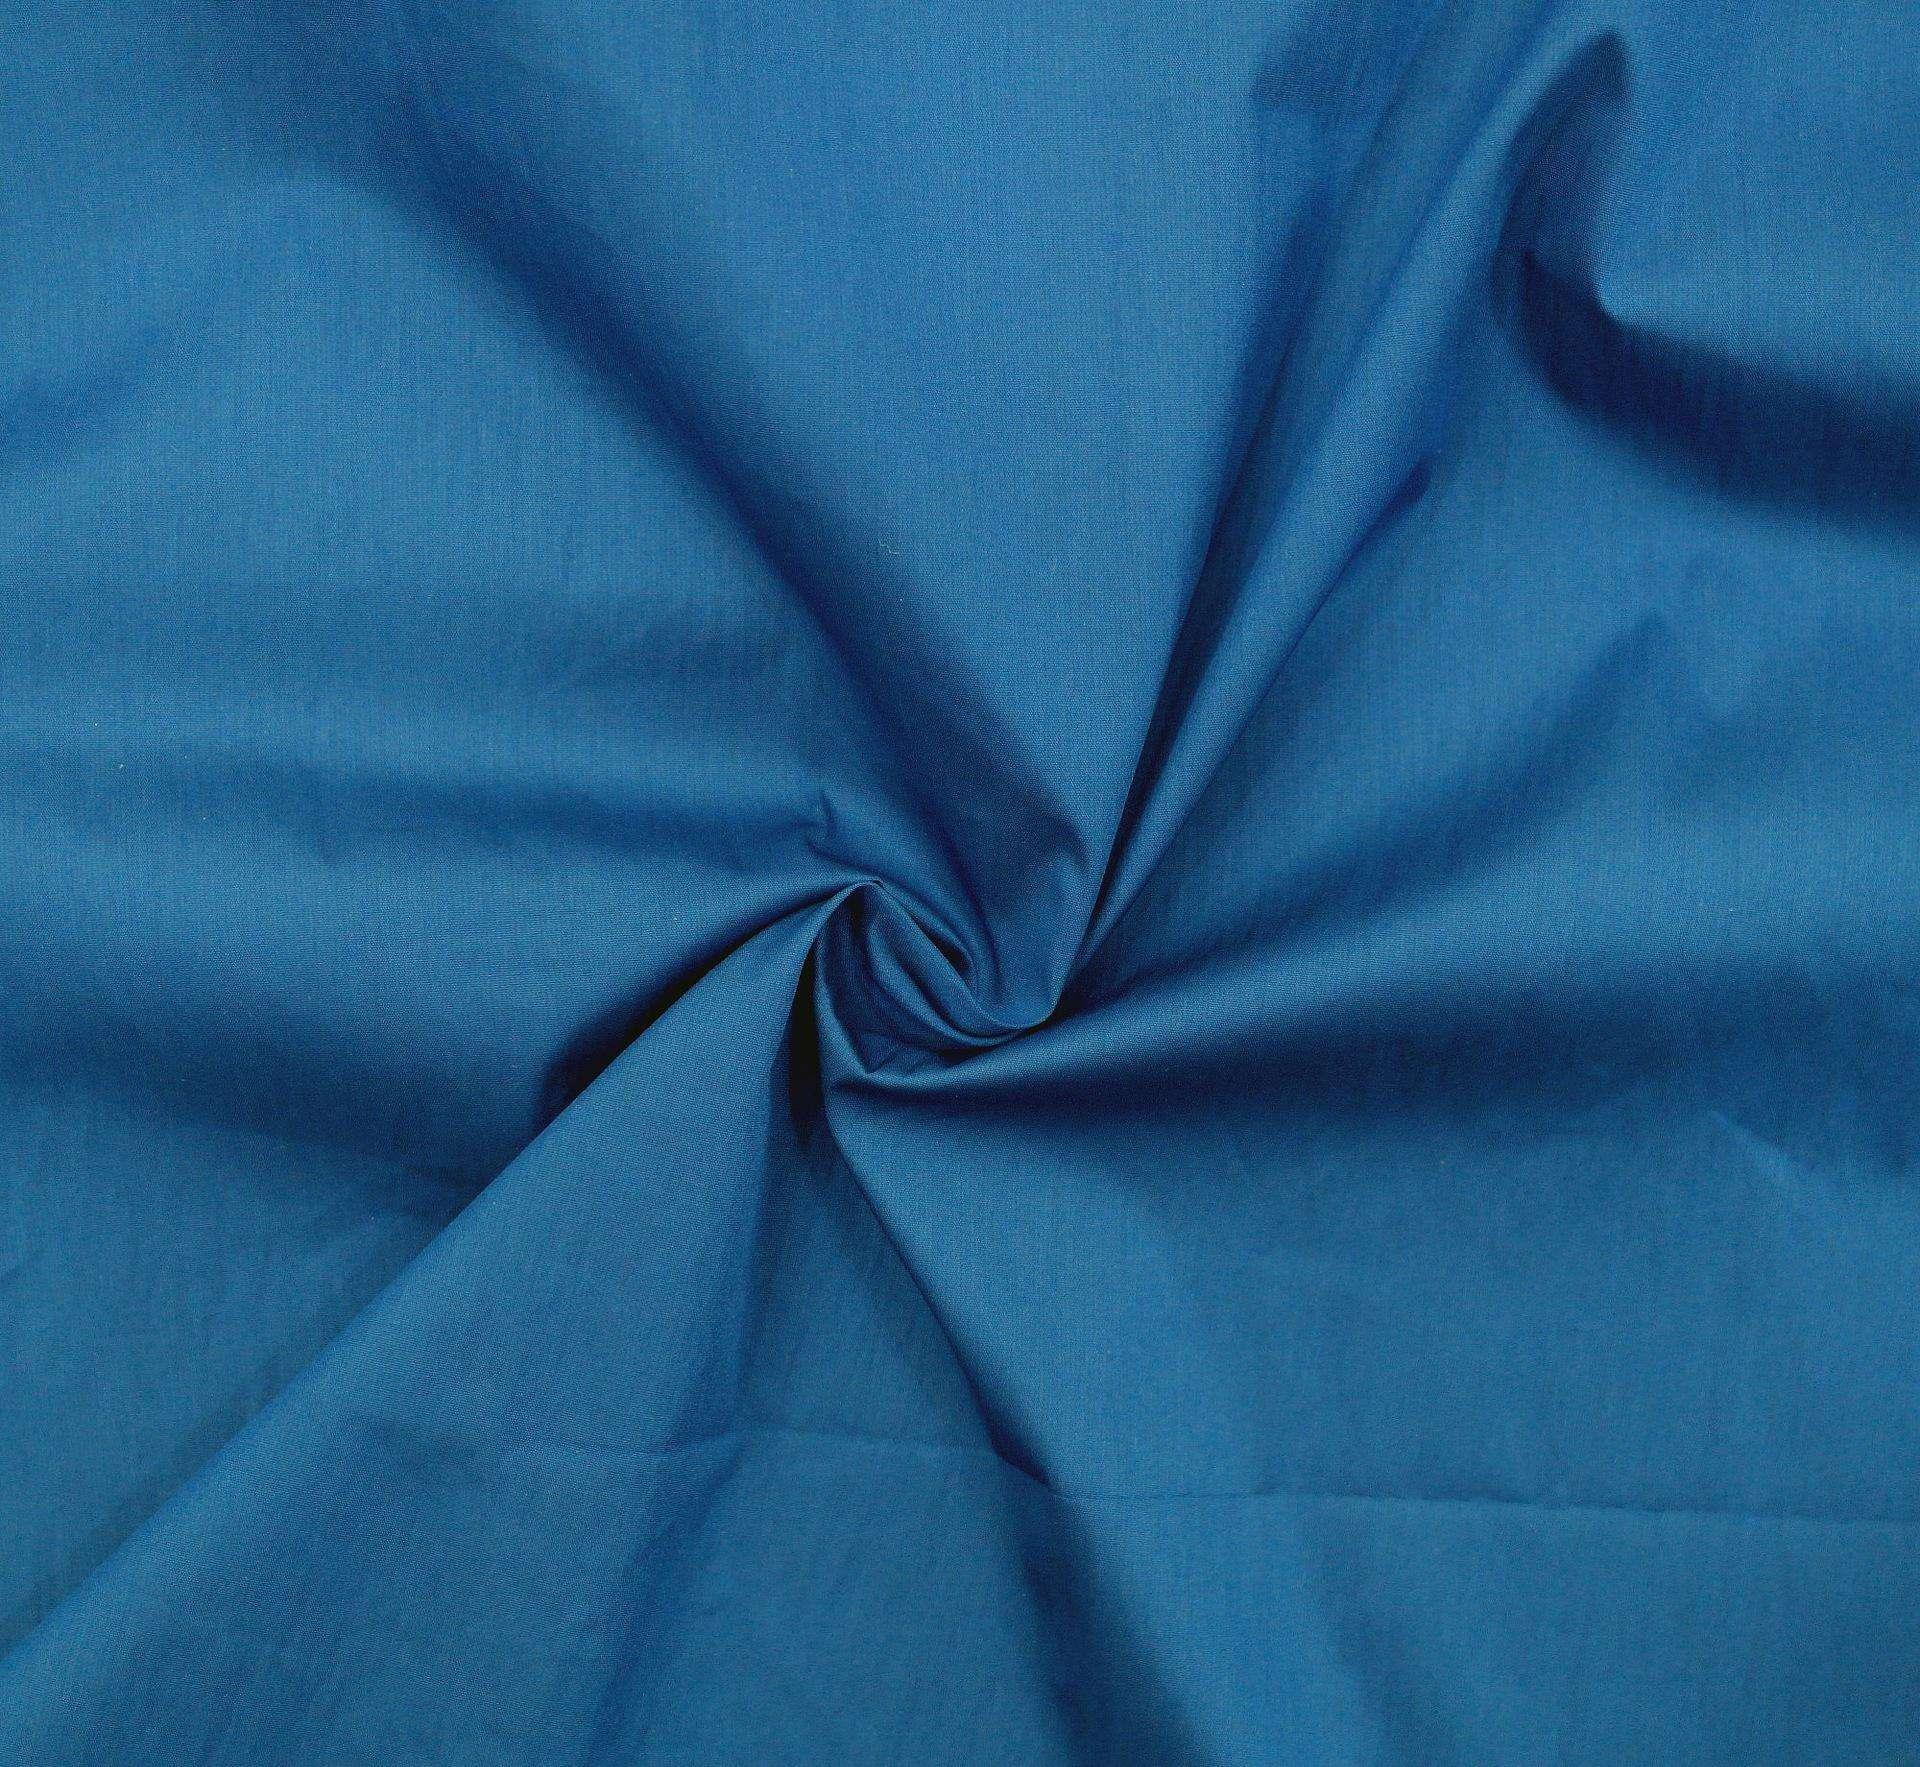 羽绒服面料是什么材质